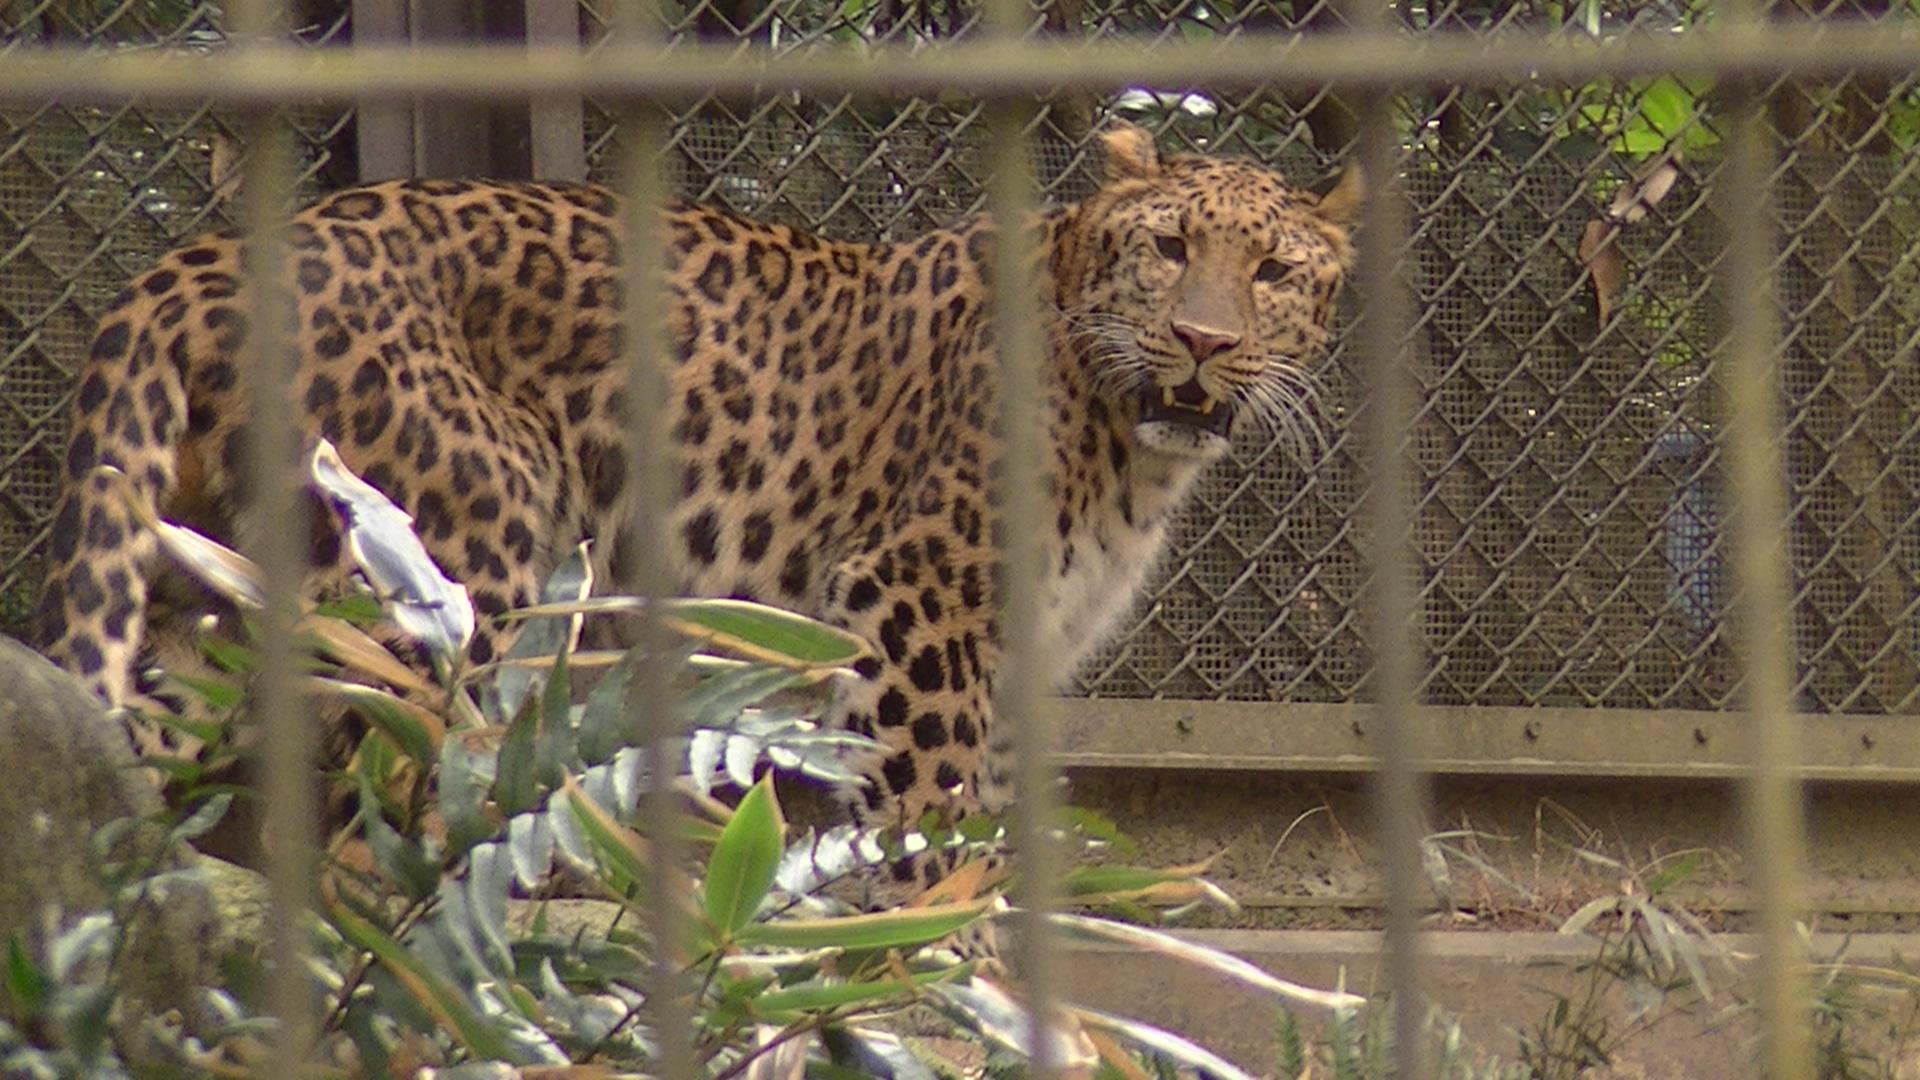 よこはま動物園ズーラシアのヒョウ